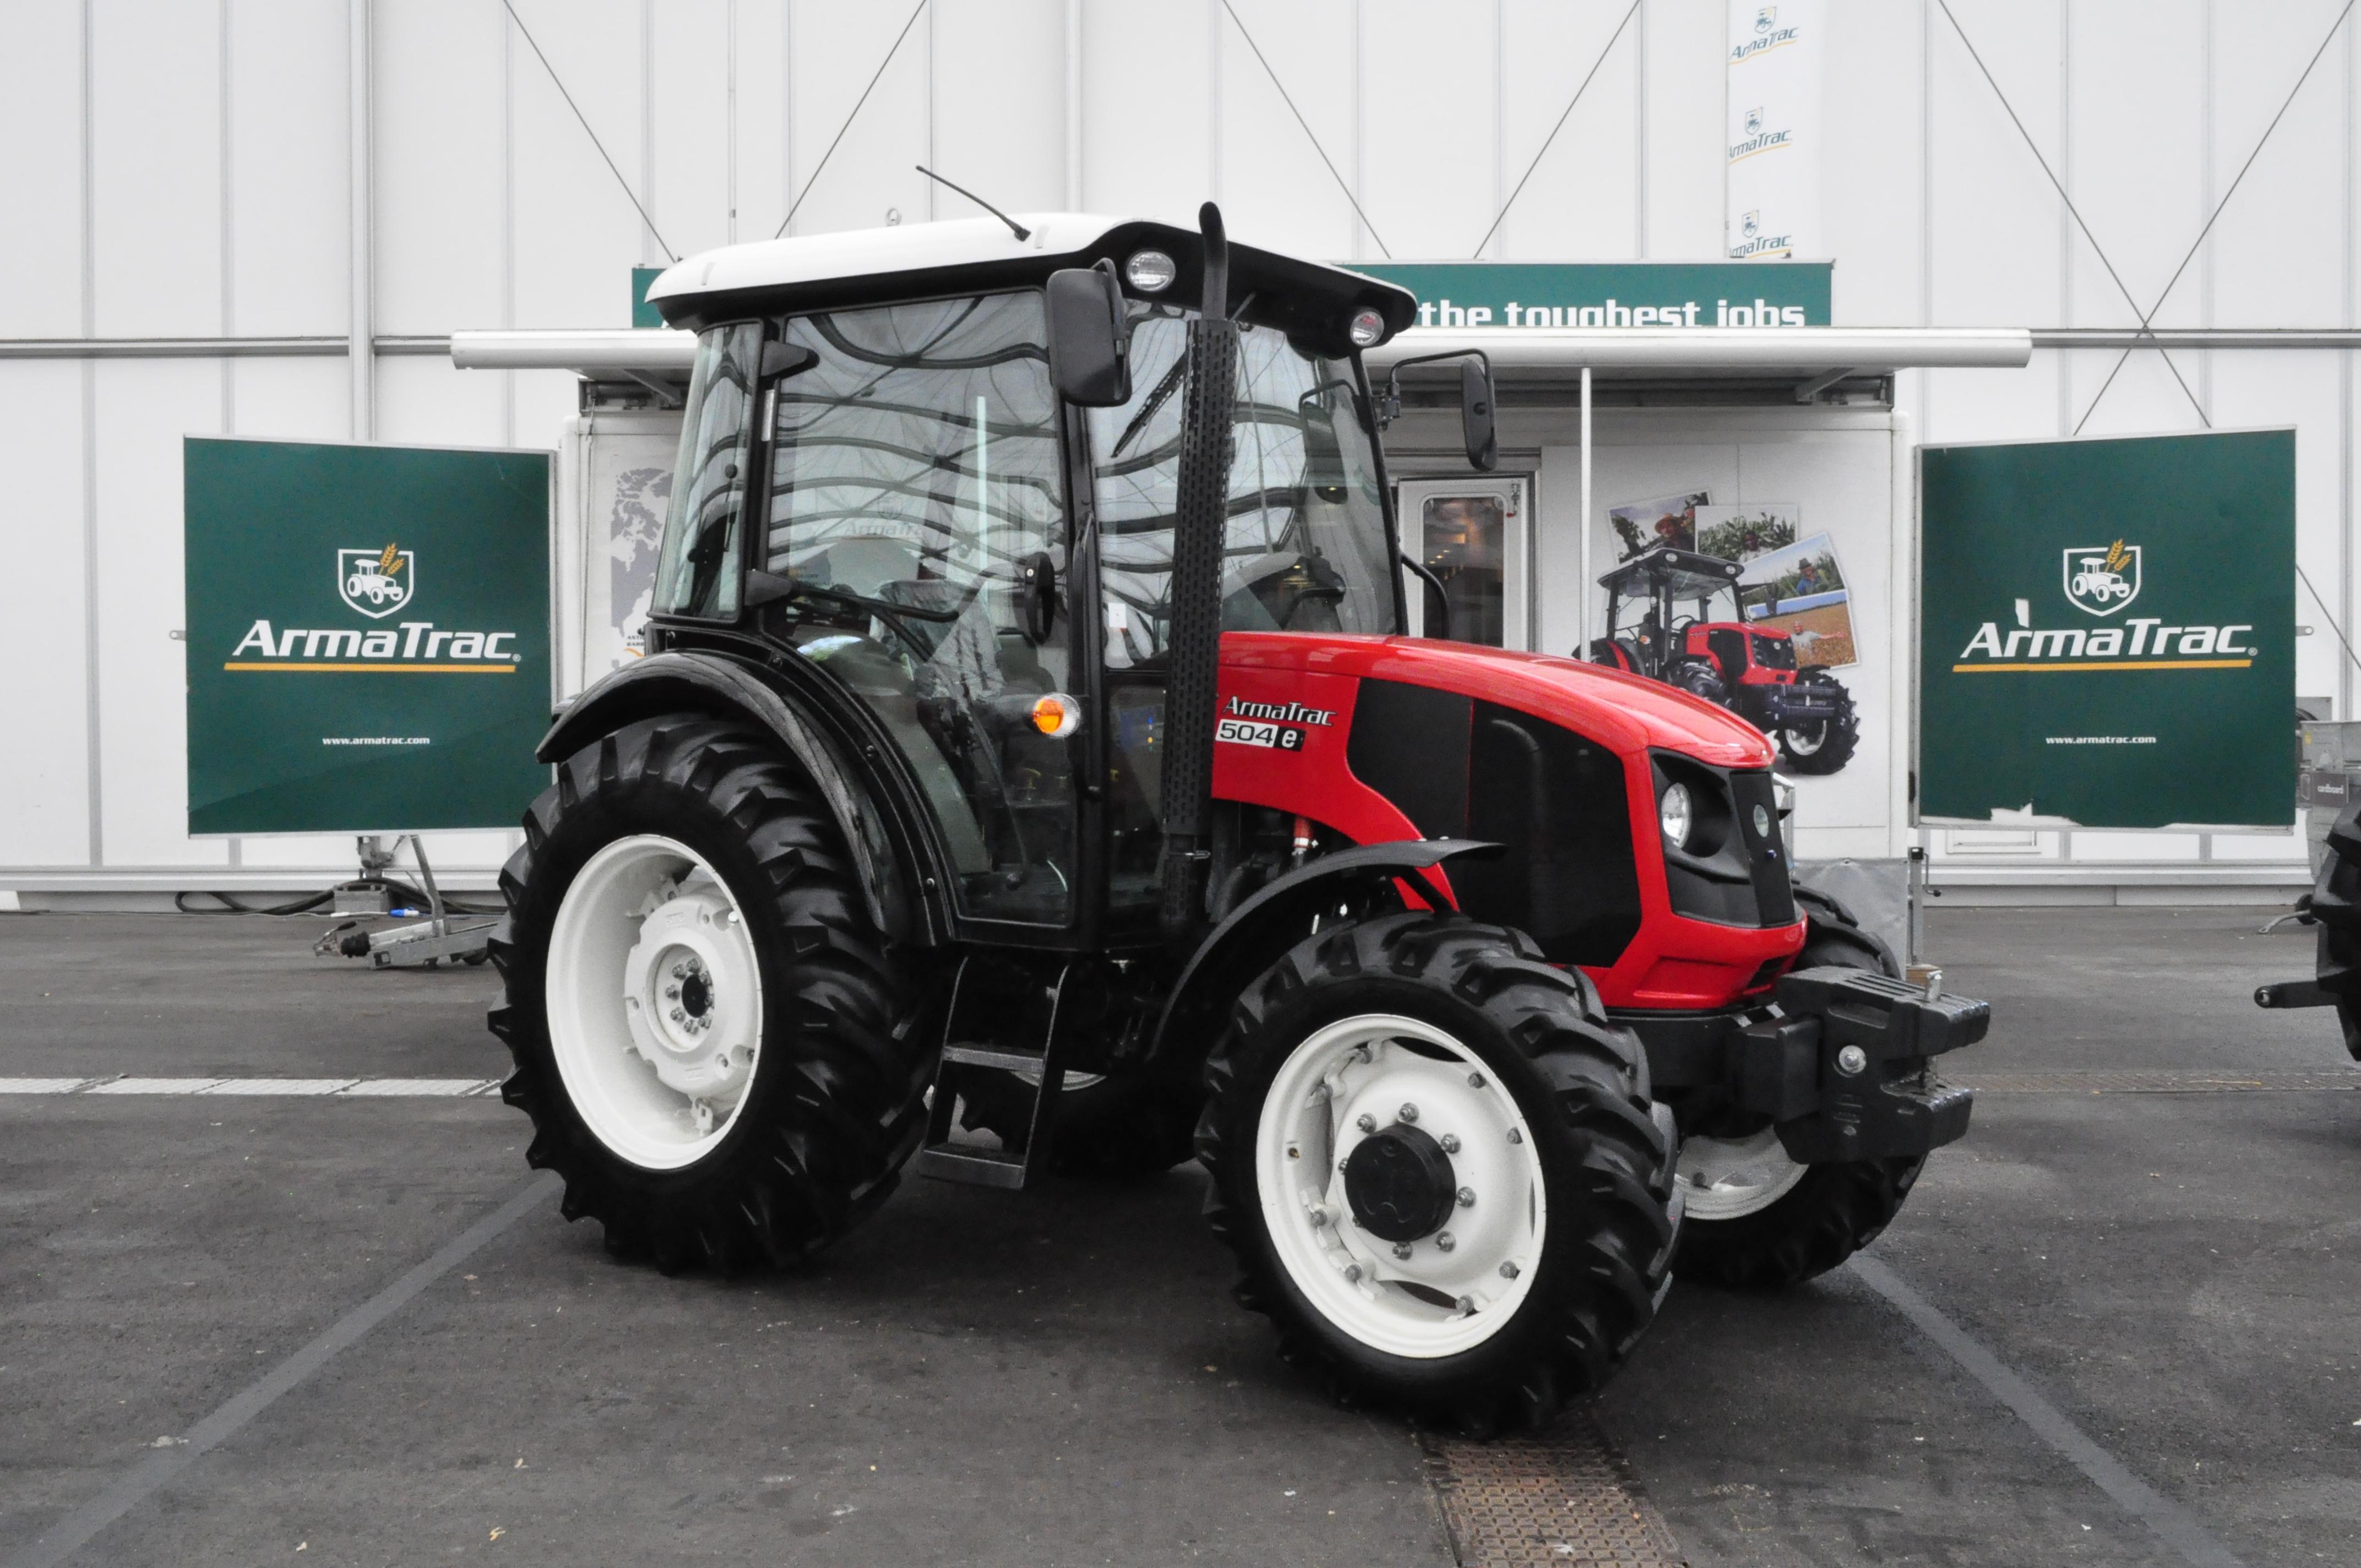 armatrac farm tractors